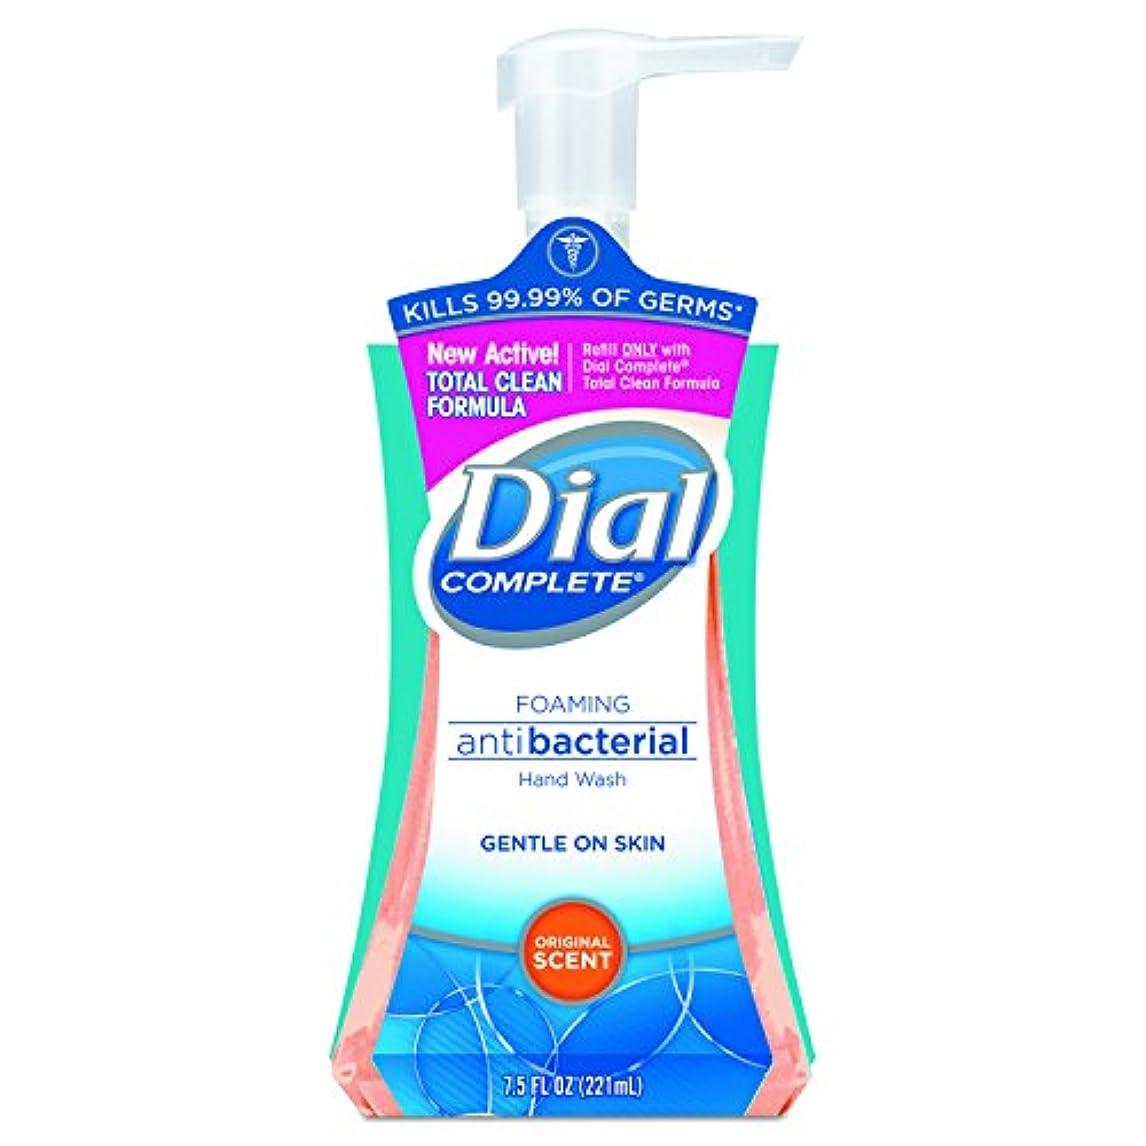 失望させる巡礼者一見Dial Complete Foaming Hand Wash, Liquid, Fresh Scent, 7.5 oz Pump Bottle, 8/Carton